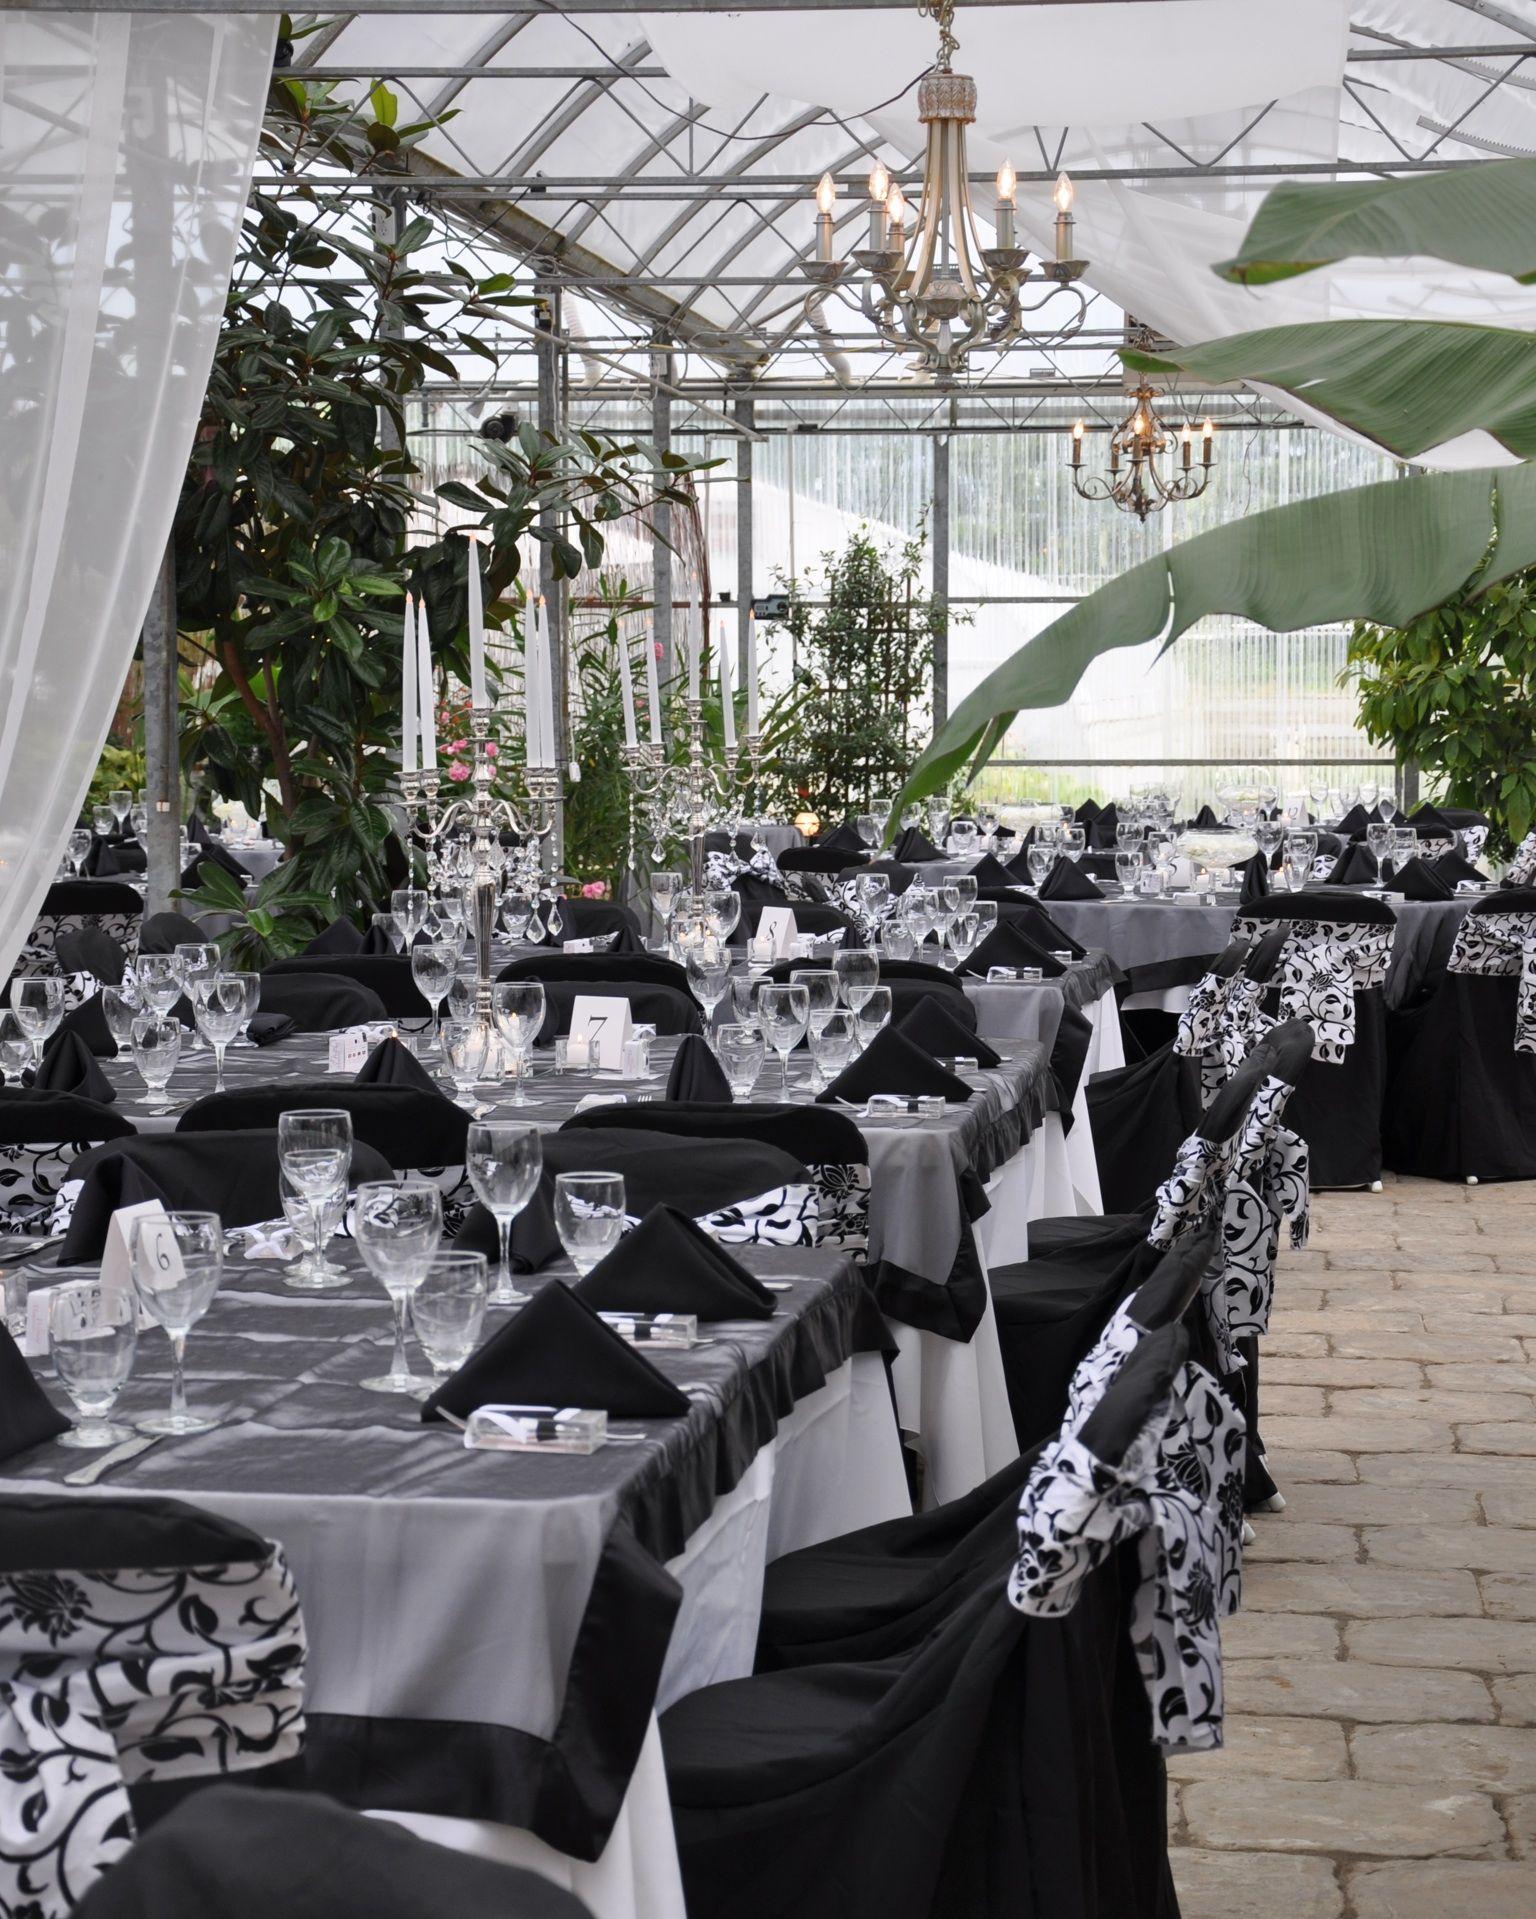 Secret Garden Abbotsford Wedding Venue Venues The Places